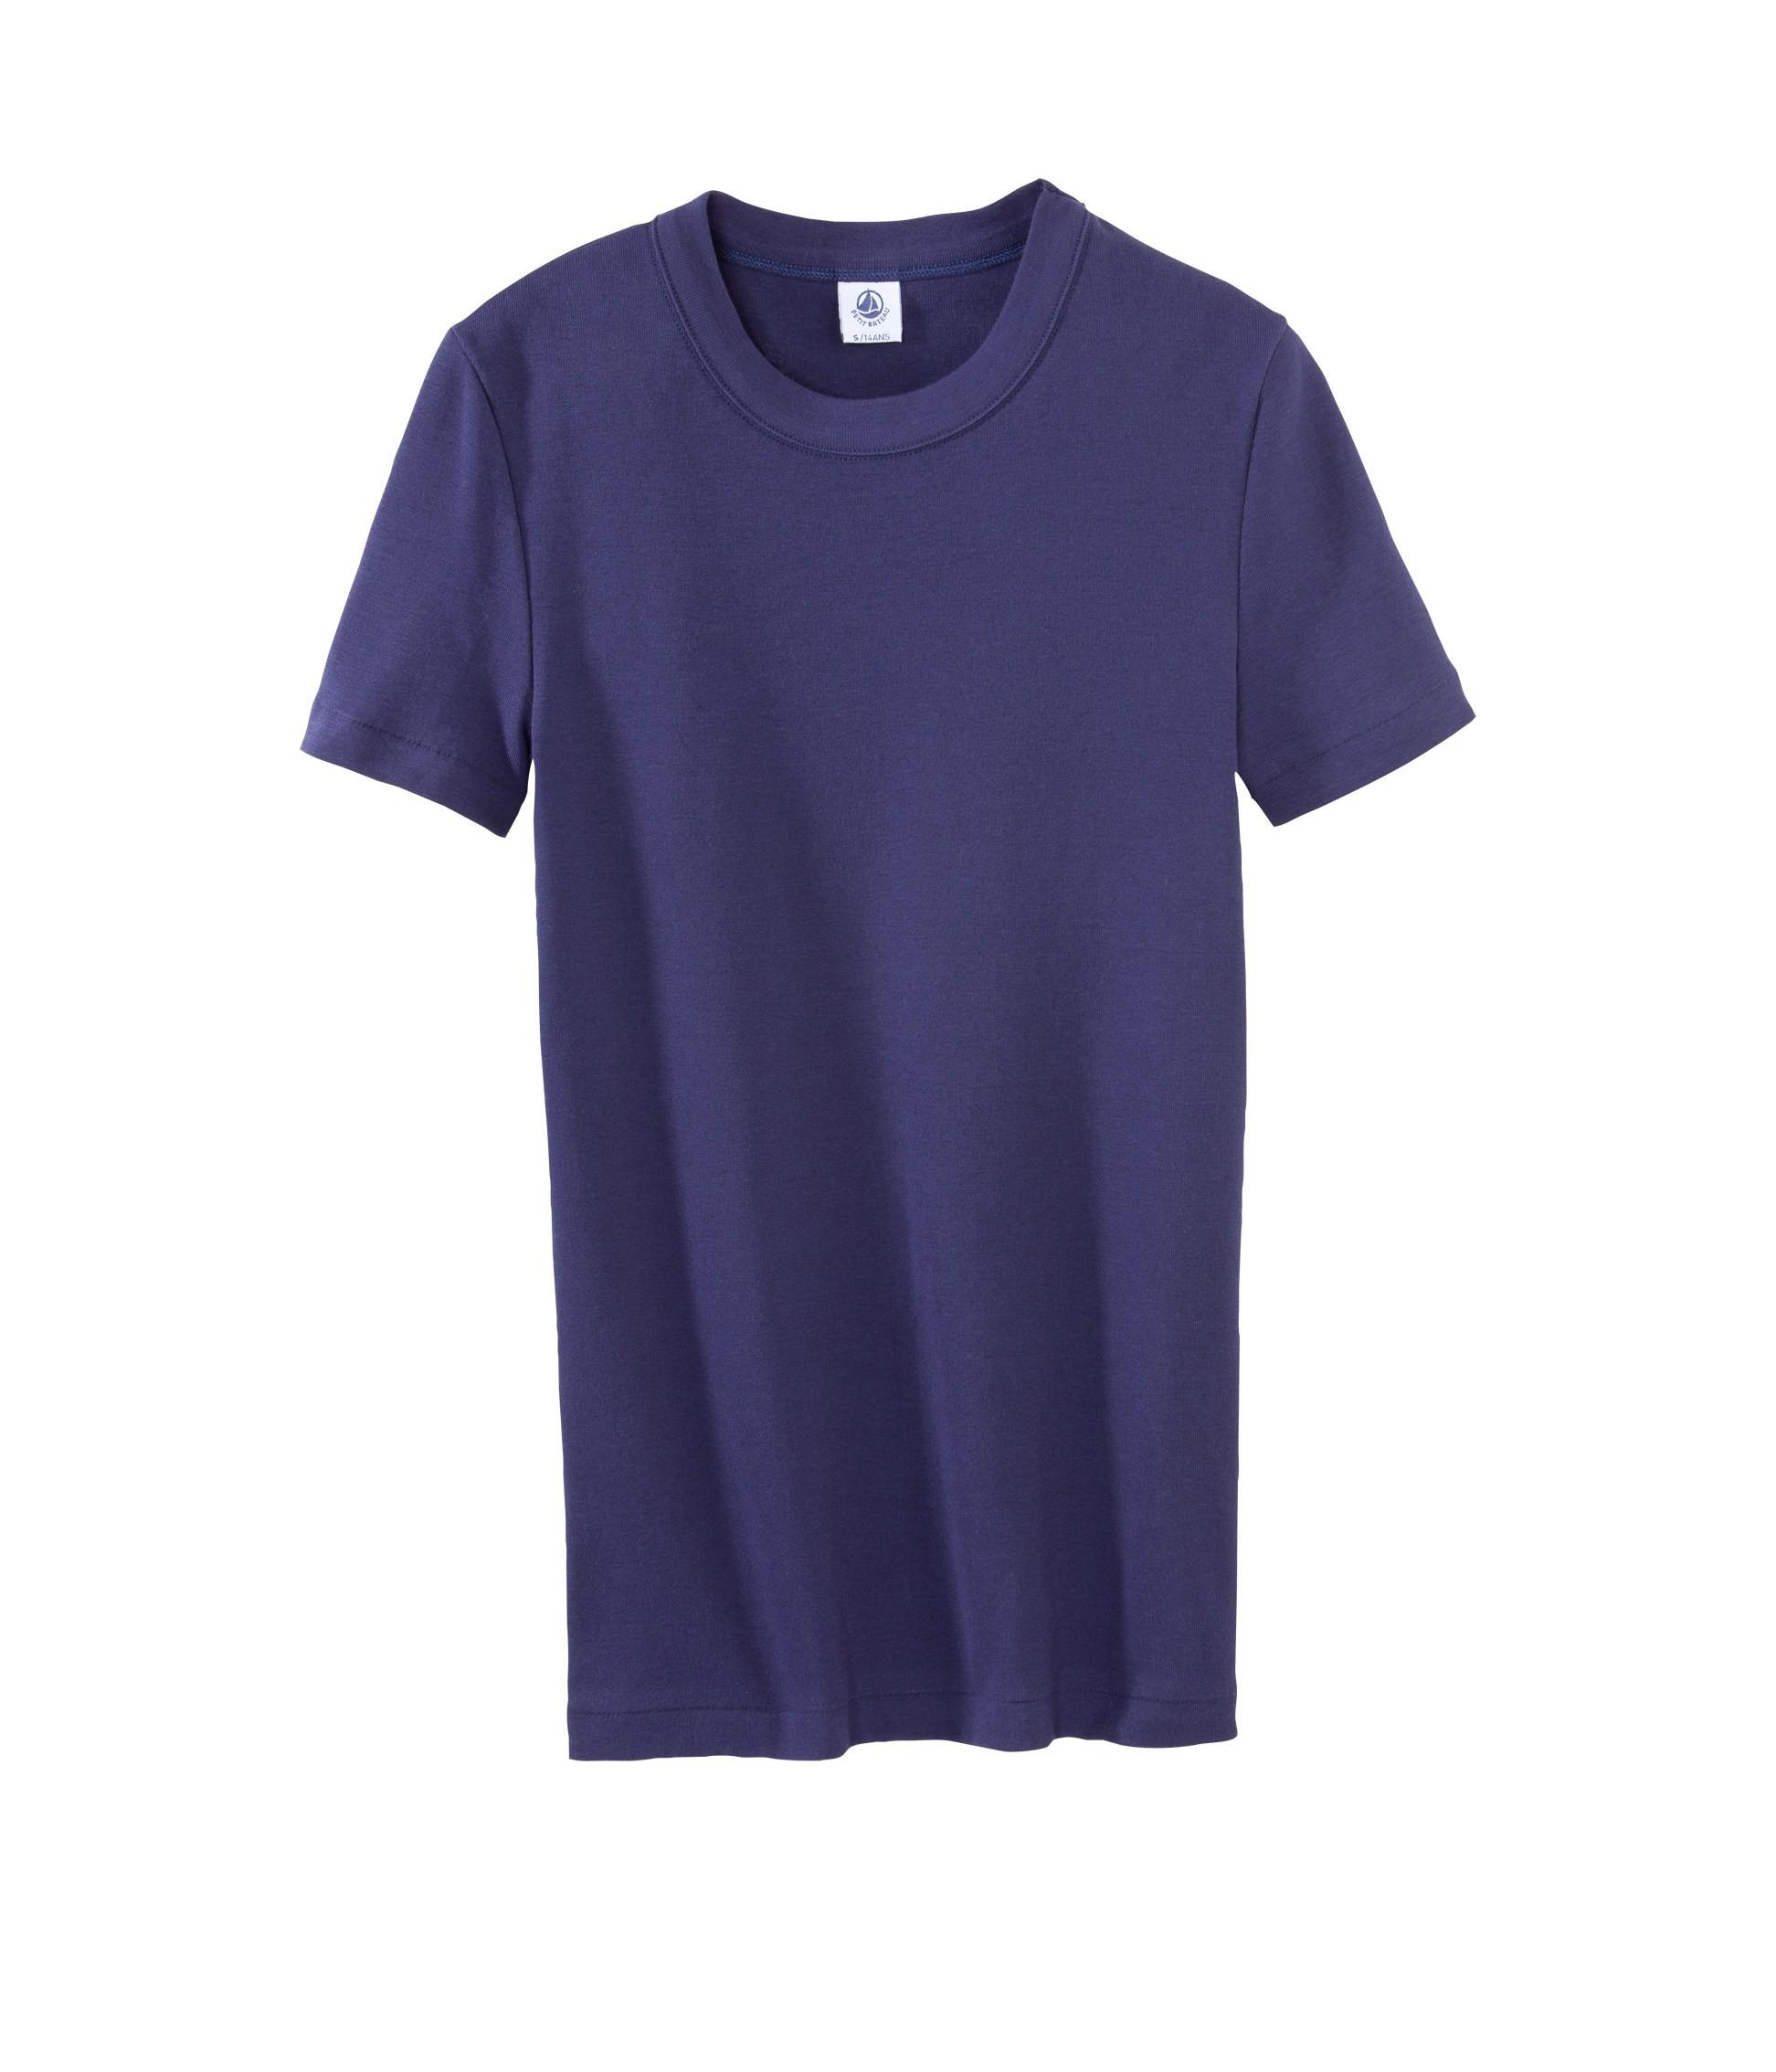 cc42301b4519 Women s short-sleeved T-shirt in plain vintage cotton - petit-bateau.gr